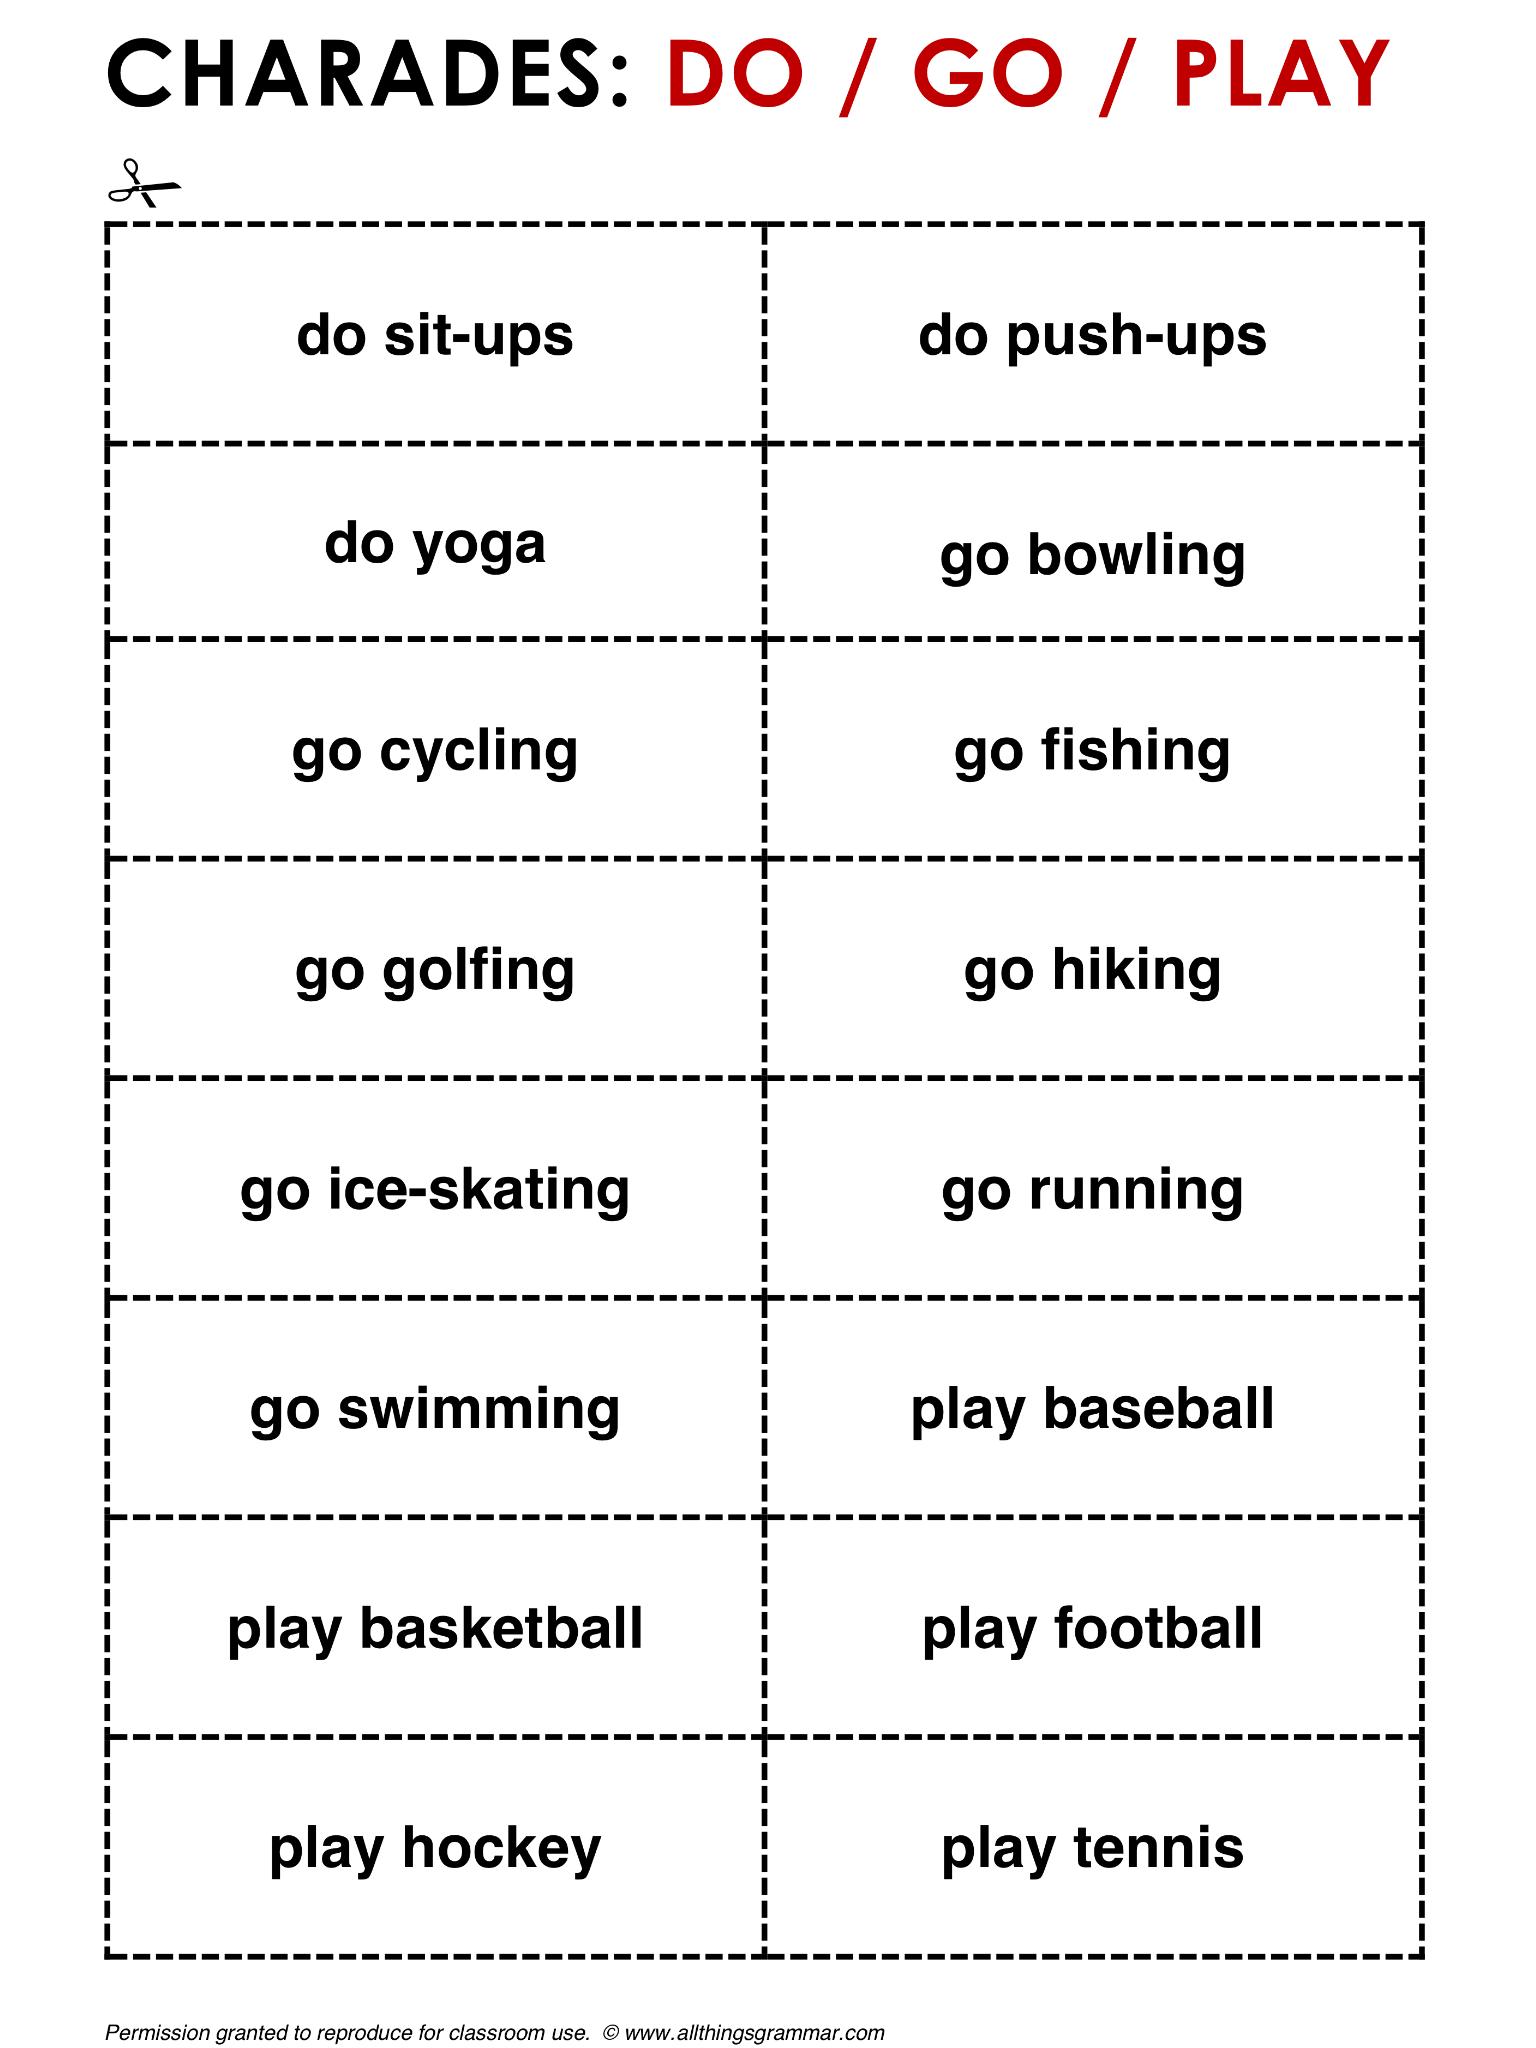 English Grammar Do / Go / Play www.allthingsgrammar.com/do--go--play ...